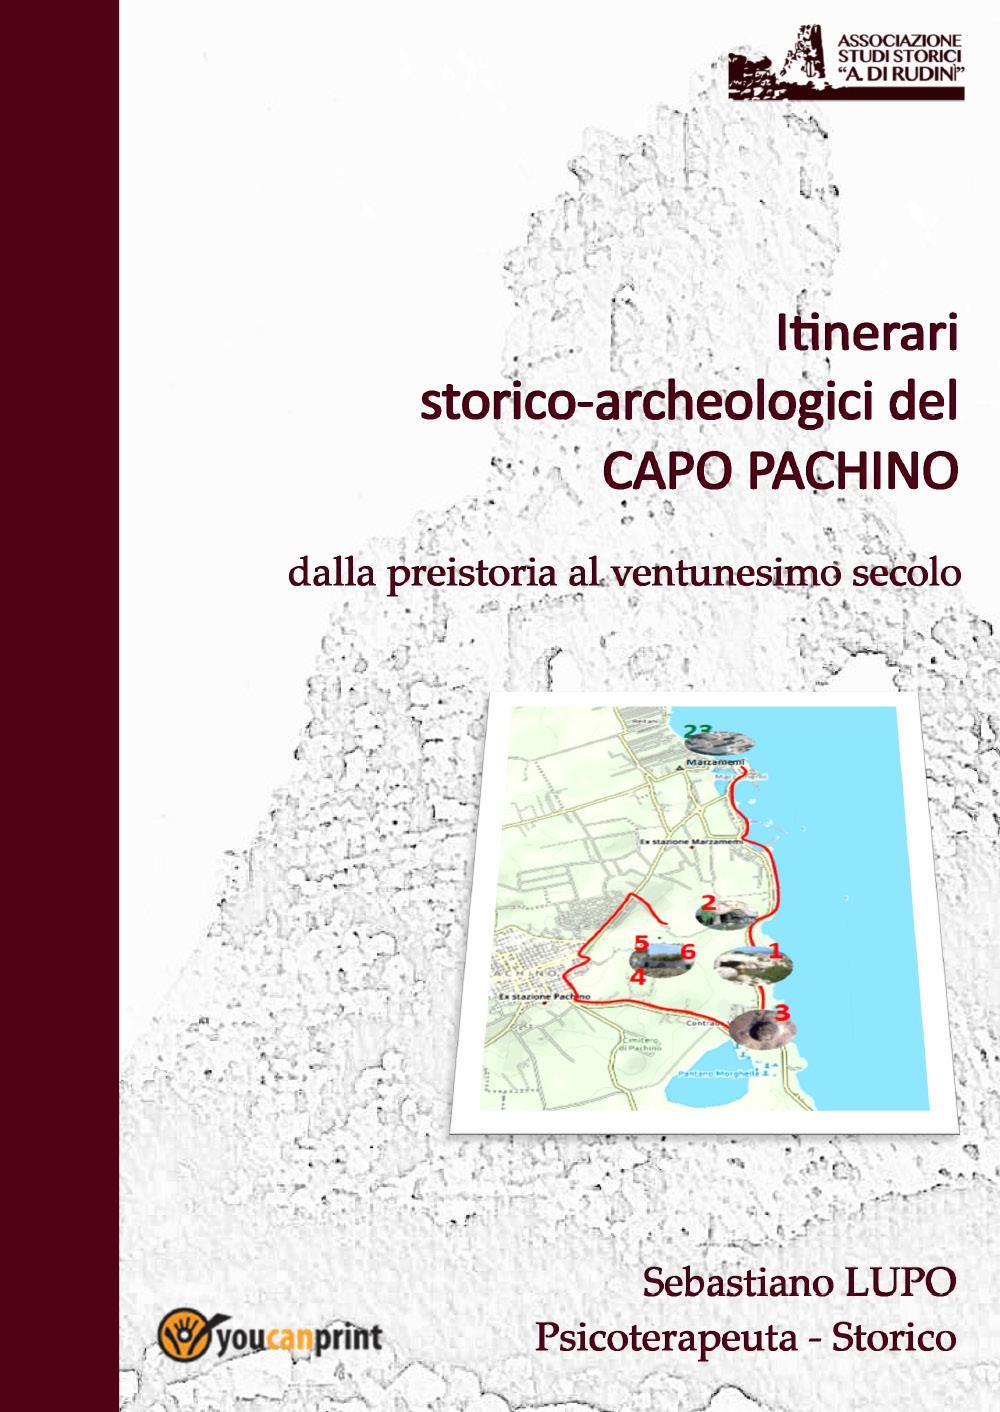 Itinerari storico-archeologici del Capo Pachino